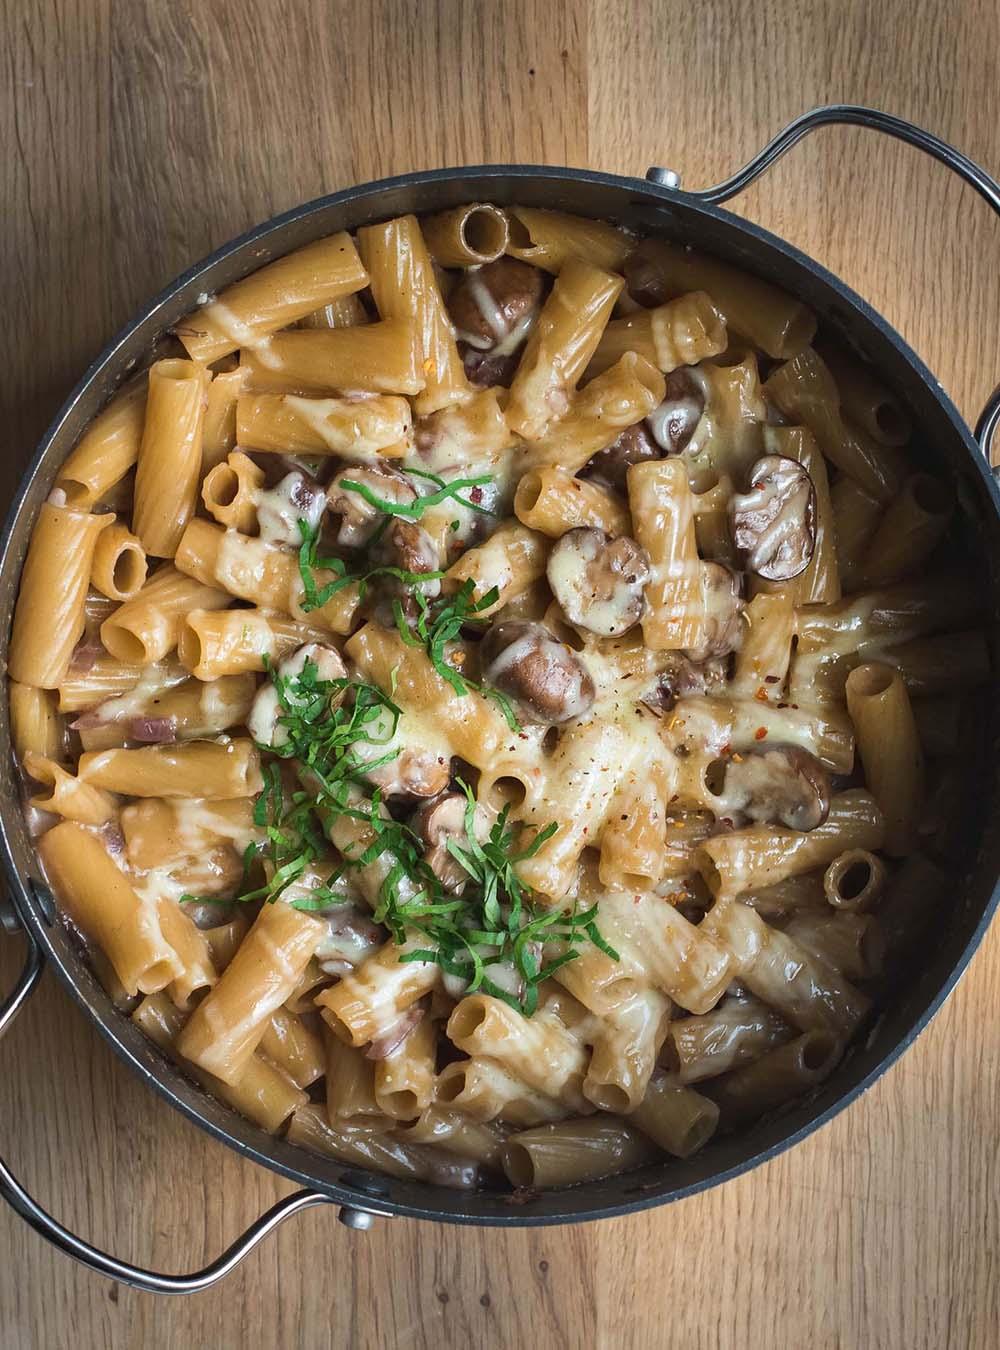 Cremige One Pot Pasta mit Pilzen, karamellisierten Zwiebeln und nach Wunsch im Ofen überbacken, Pastagericht, Pilzgericht #onepotpasta #onepot #pastagericht #rezept #pilzgericht